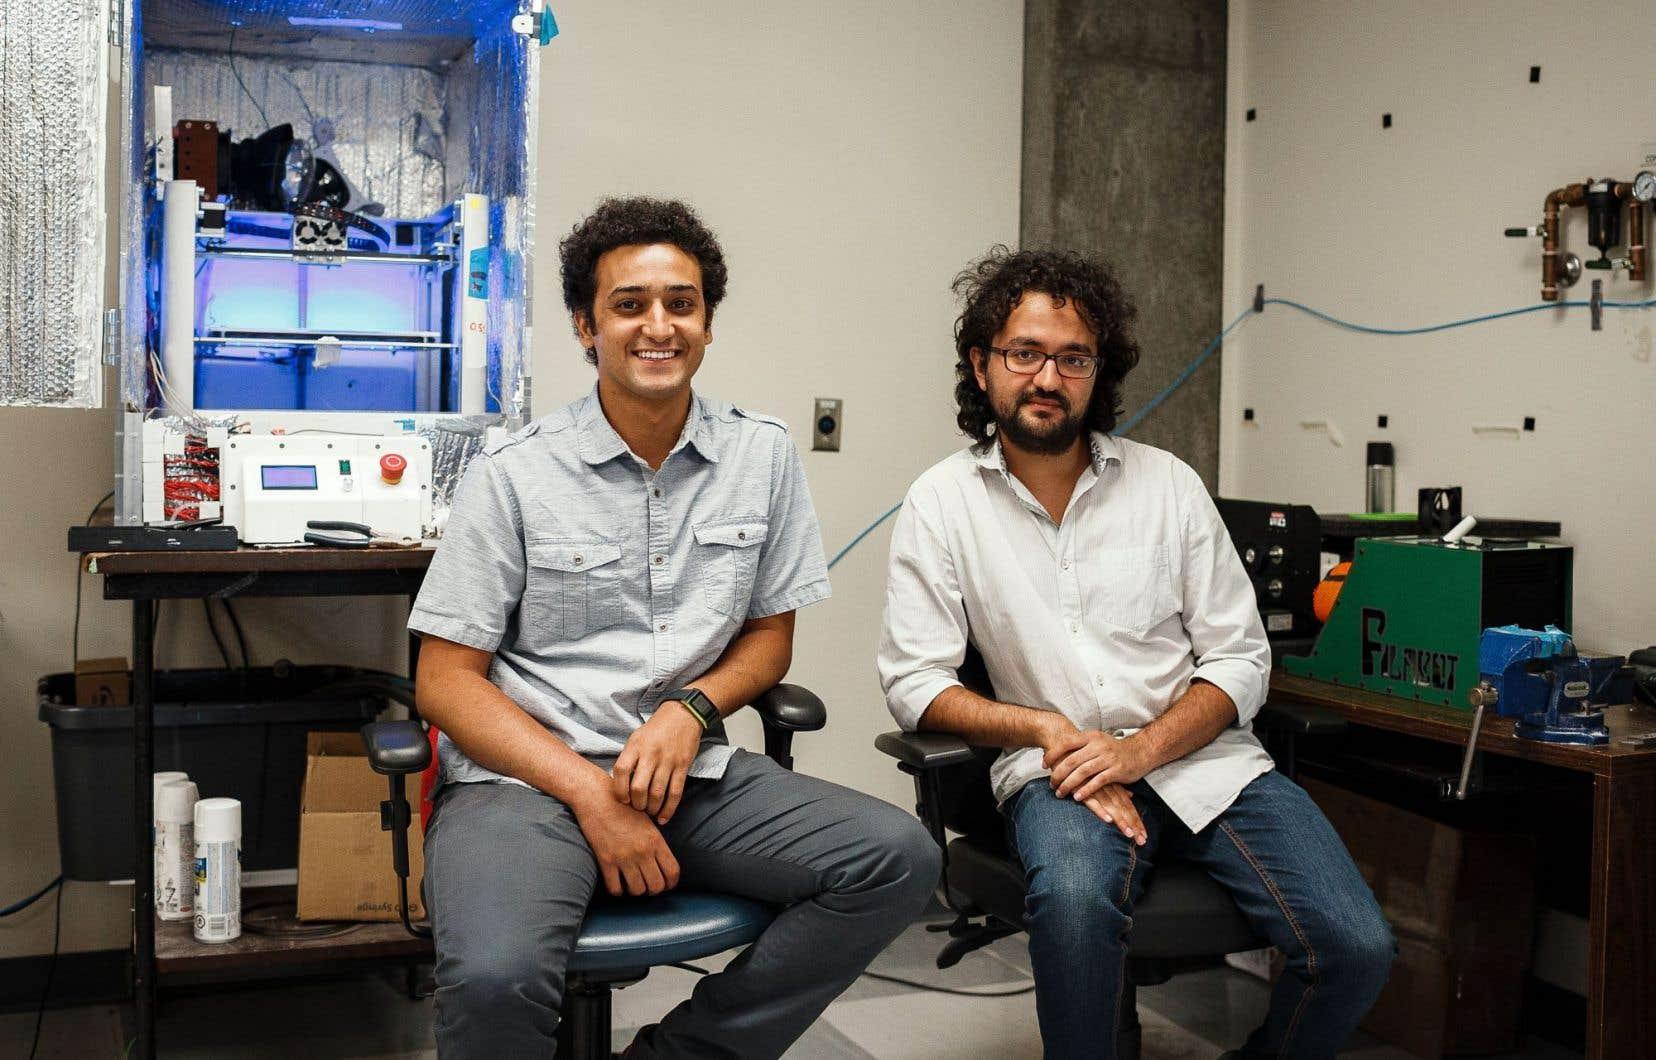 L'objectif des doctorants Ilyass Tabiai (à gauche) et Yahya Abderrafai (à droite) et de leur partenaire d'affaires est de mettre au point des polymères et des composites de pointe qui repousseront les frontières actuelles du monde de l'impression 3D.